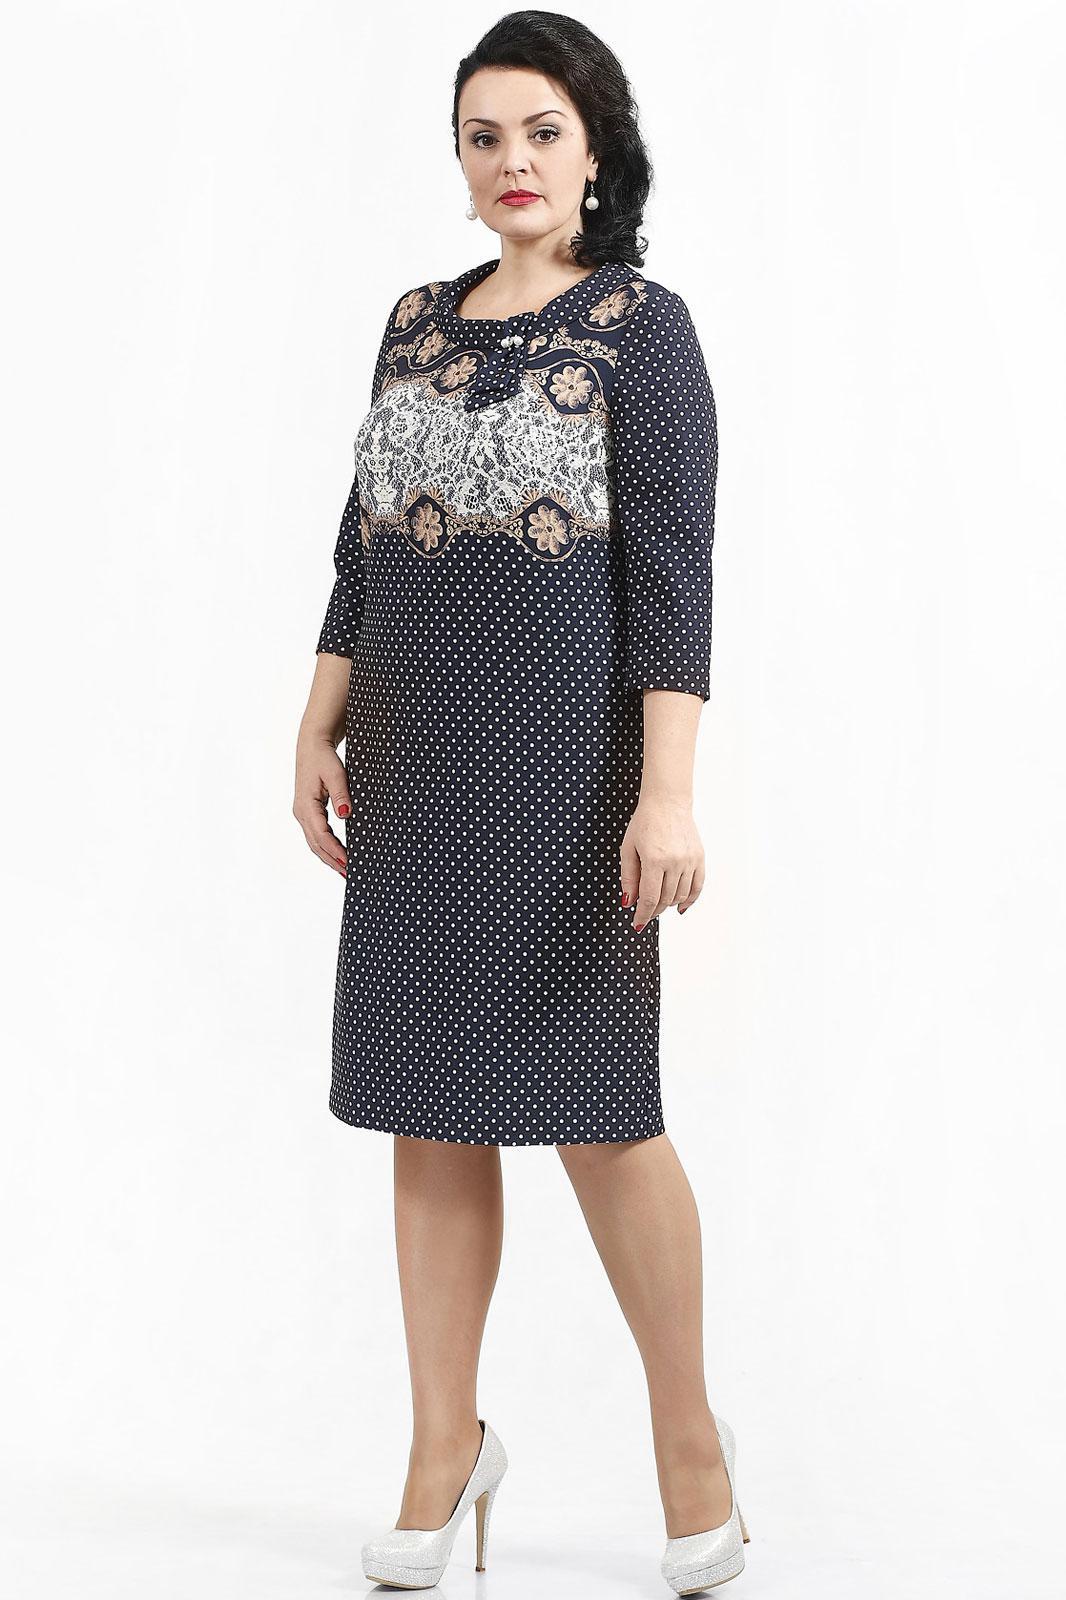 Купить Платье Madame Rita, 731-1 горохи, Беларусь